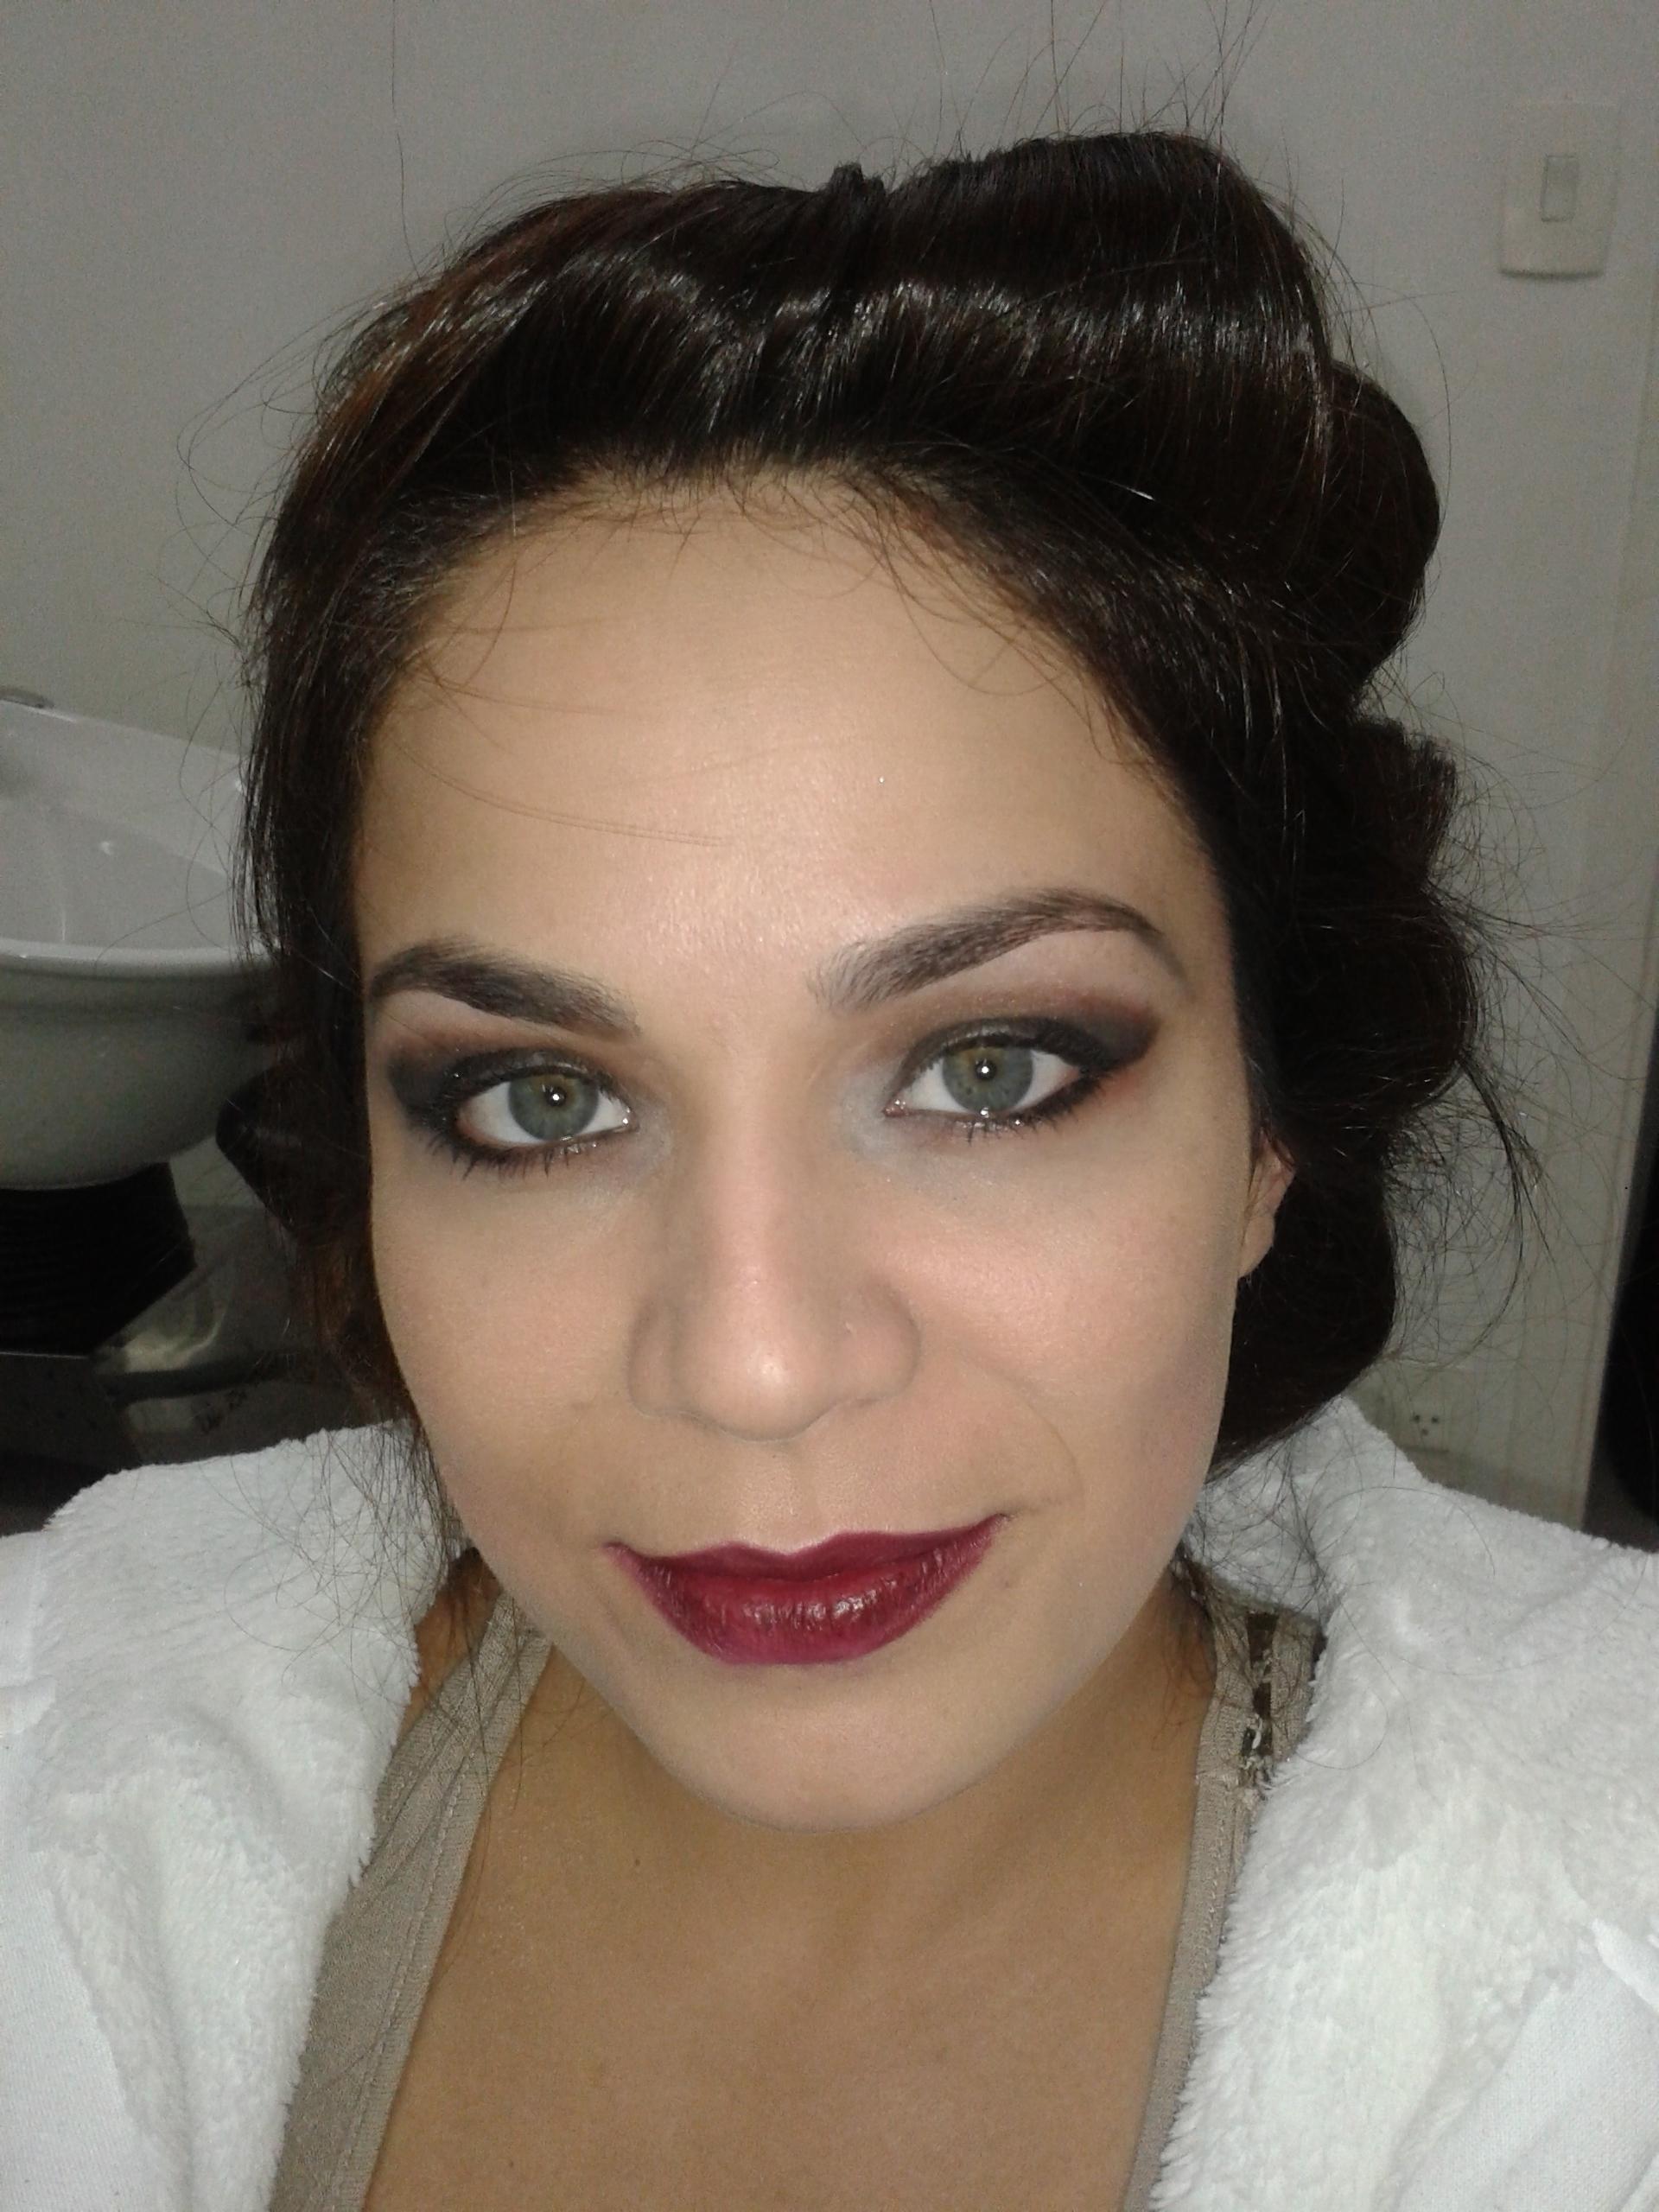 make-up Olhão bocão.  festa, noite, rock elegante maquiagem  cabeleireiro(a) barbeiro(a) maquiador(a) designer de sobrancelhas depilador(a)